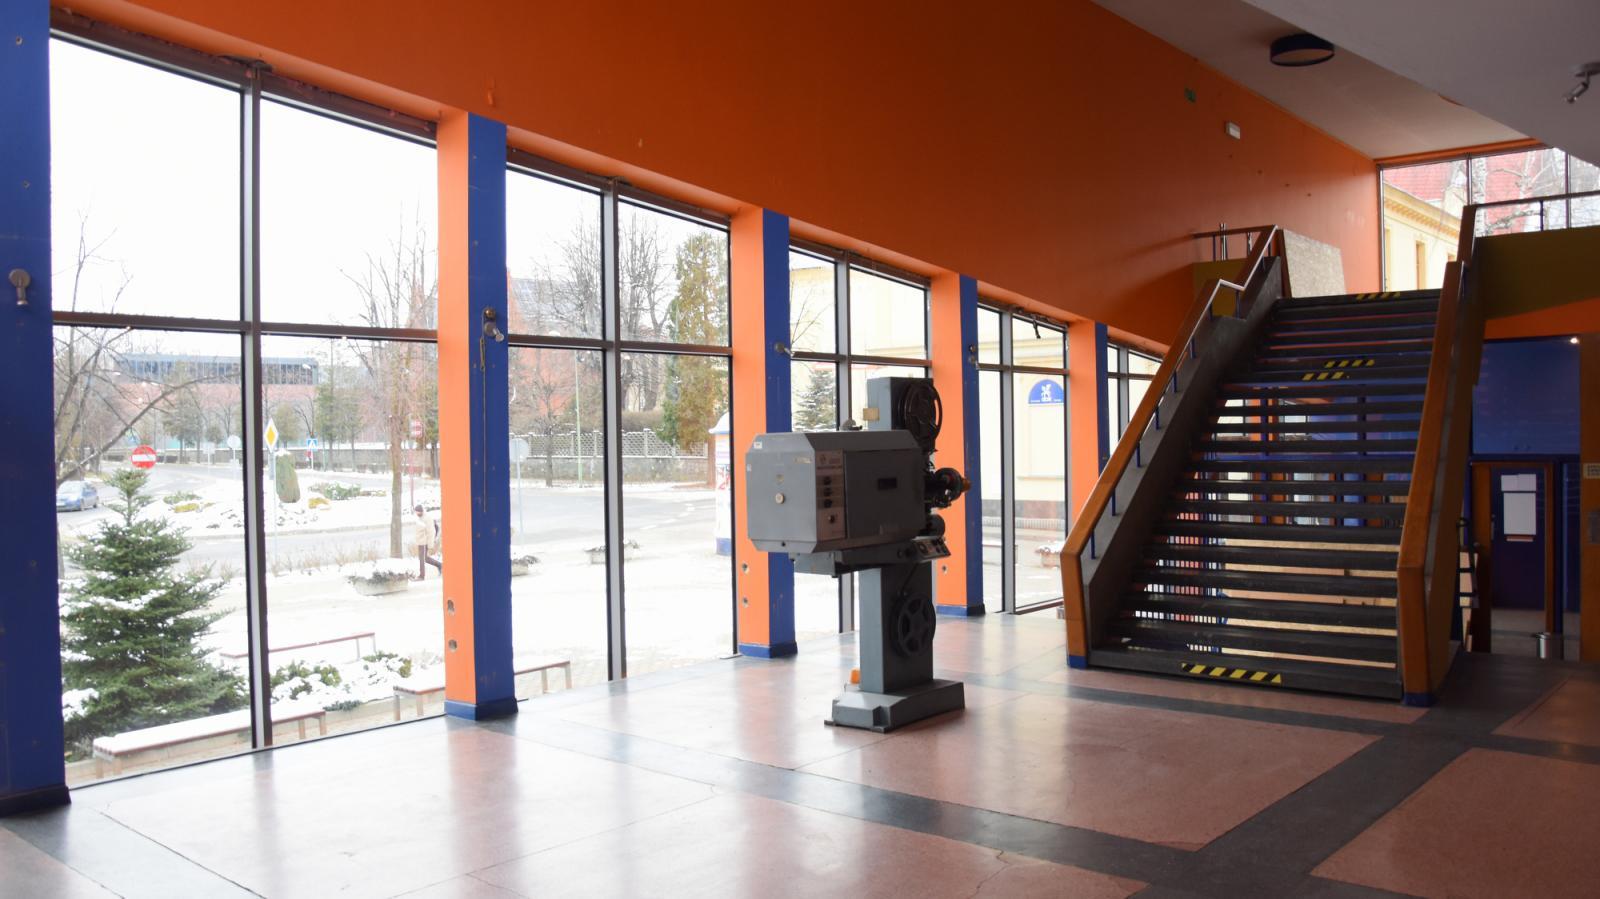 Duże witryny okienne widziane z wnętrza kina